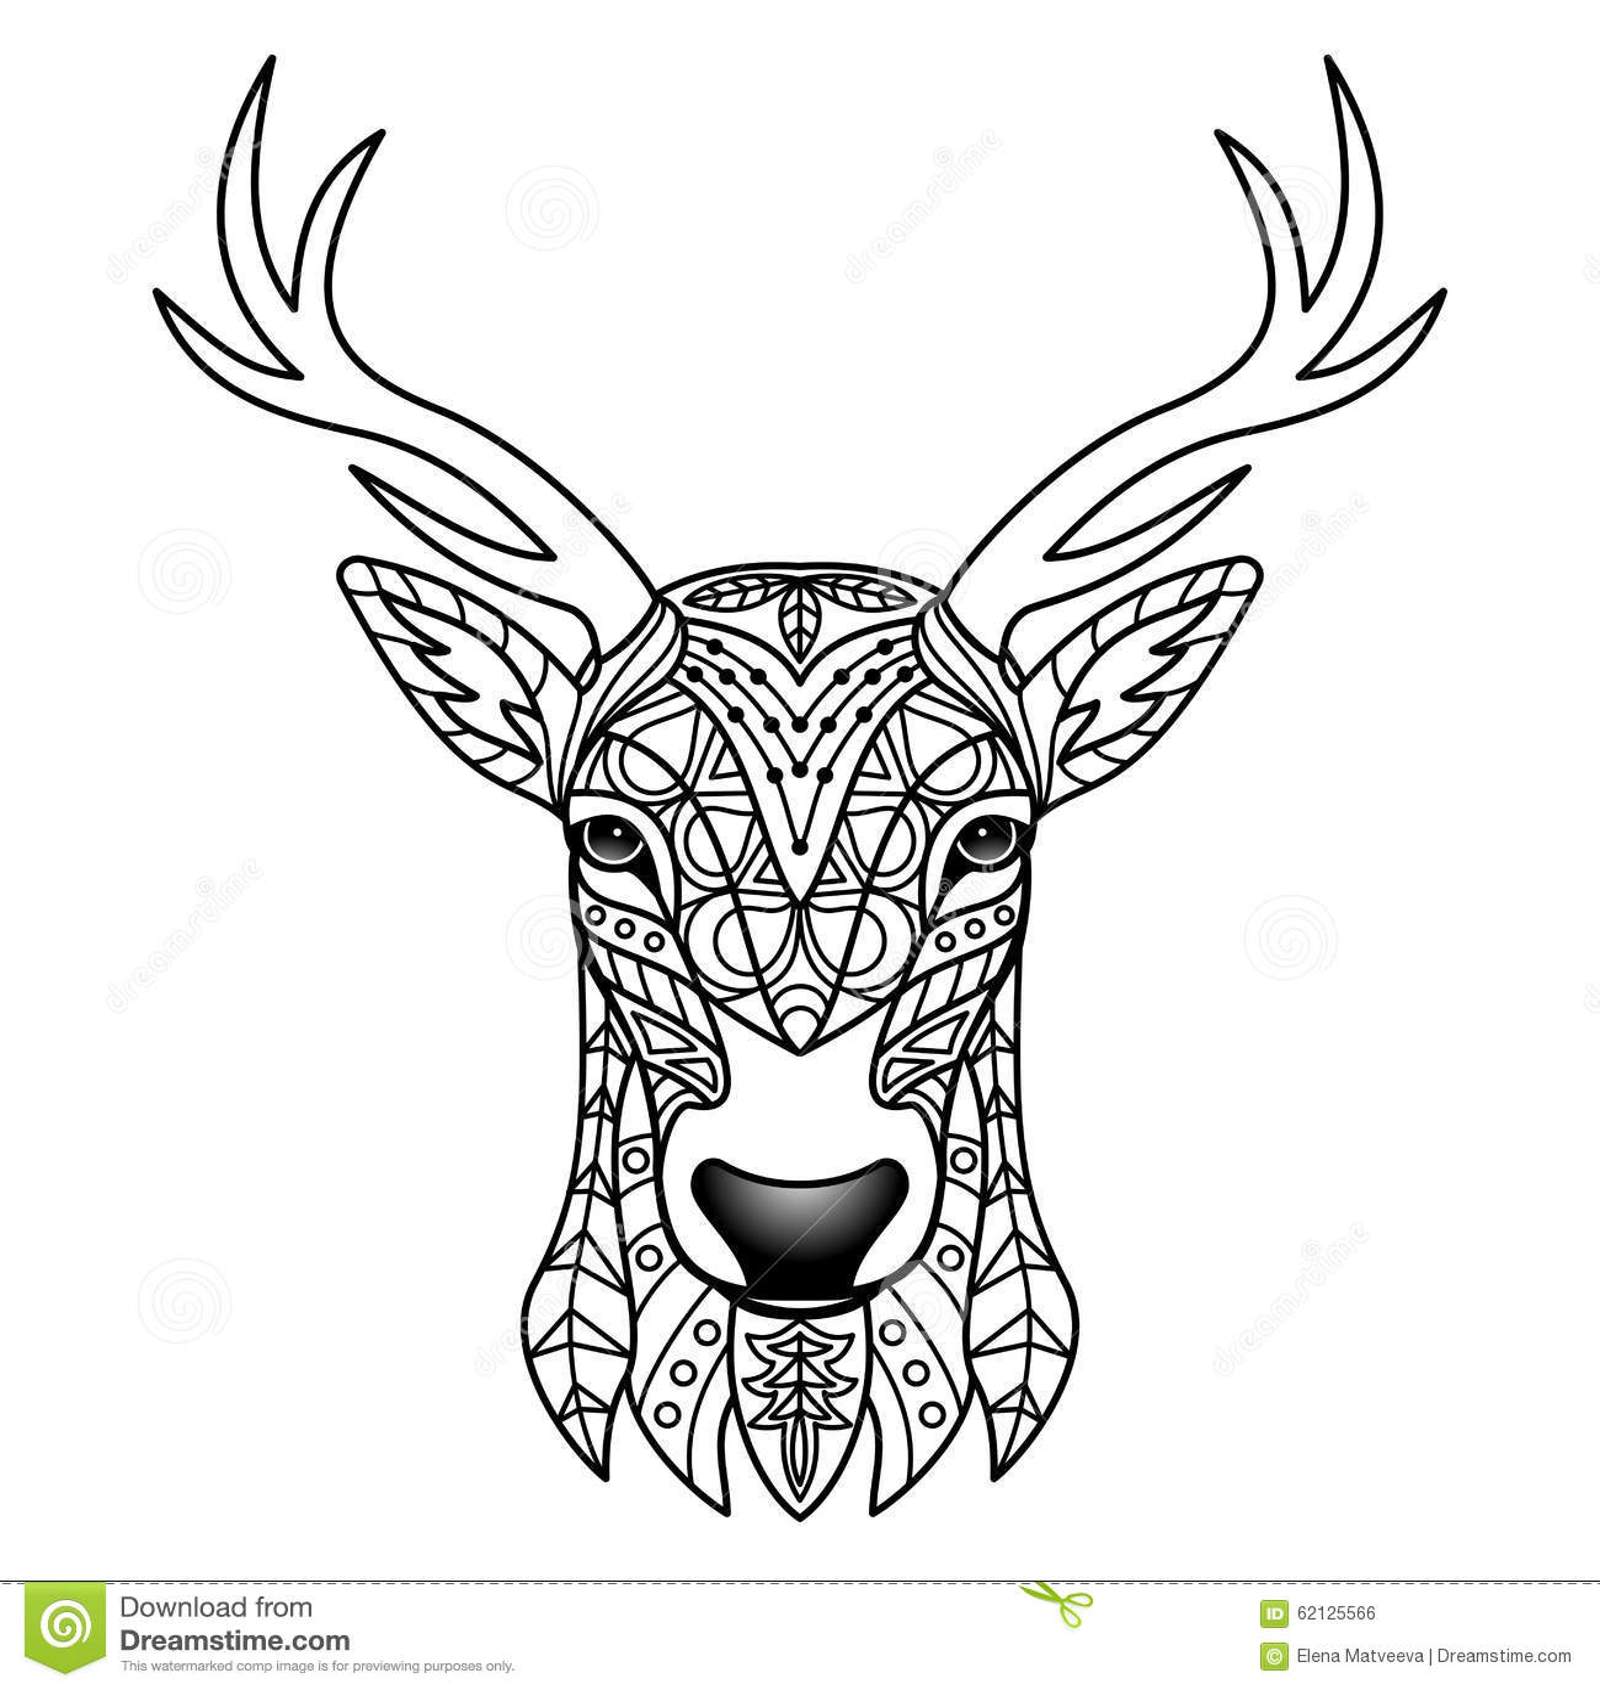 fantasy white deer stock vector illustration of deer 62125566. Black Bedroom Furniture Sets. Home Design Ideas